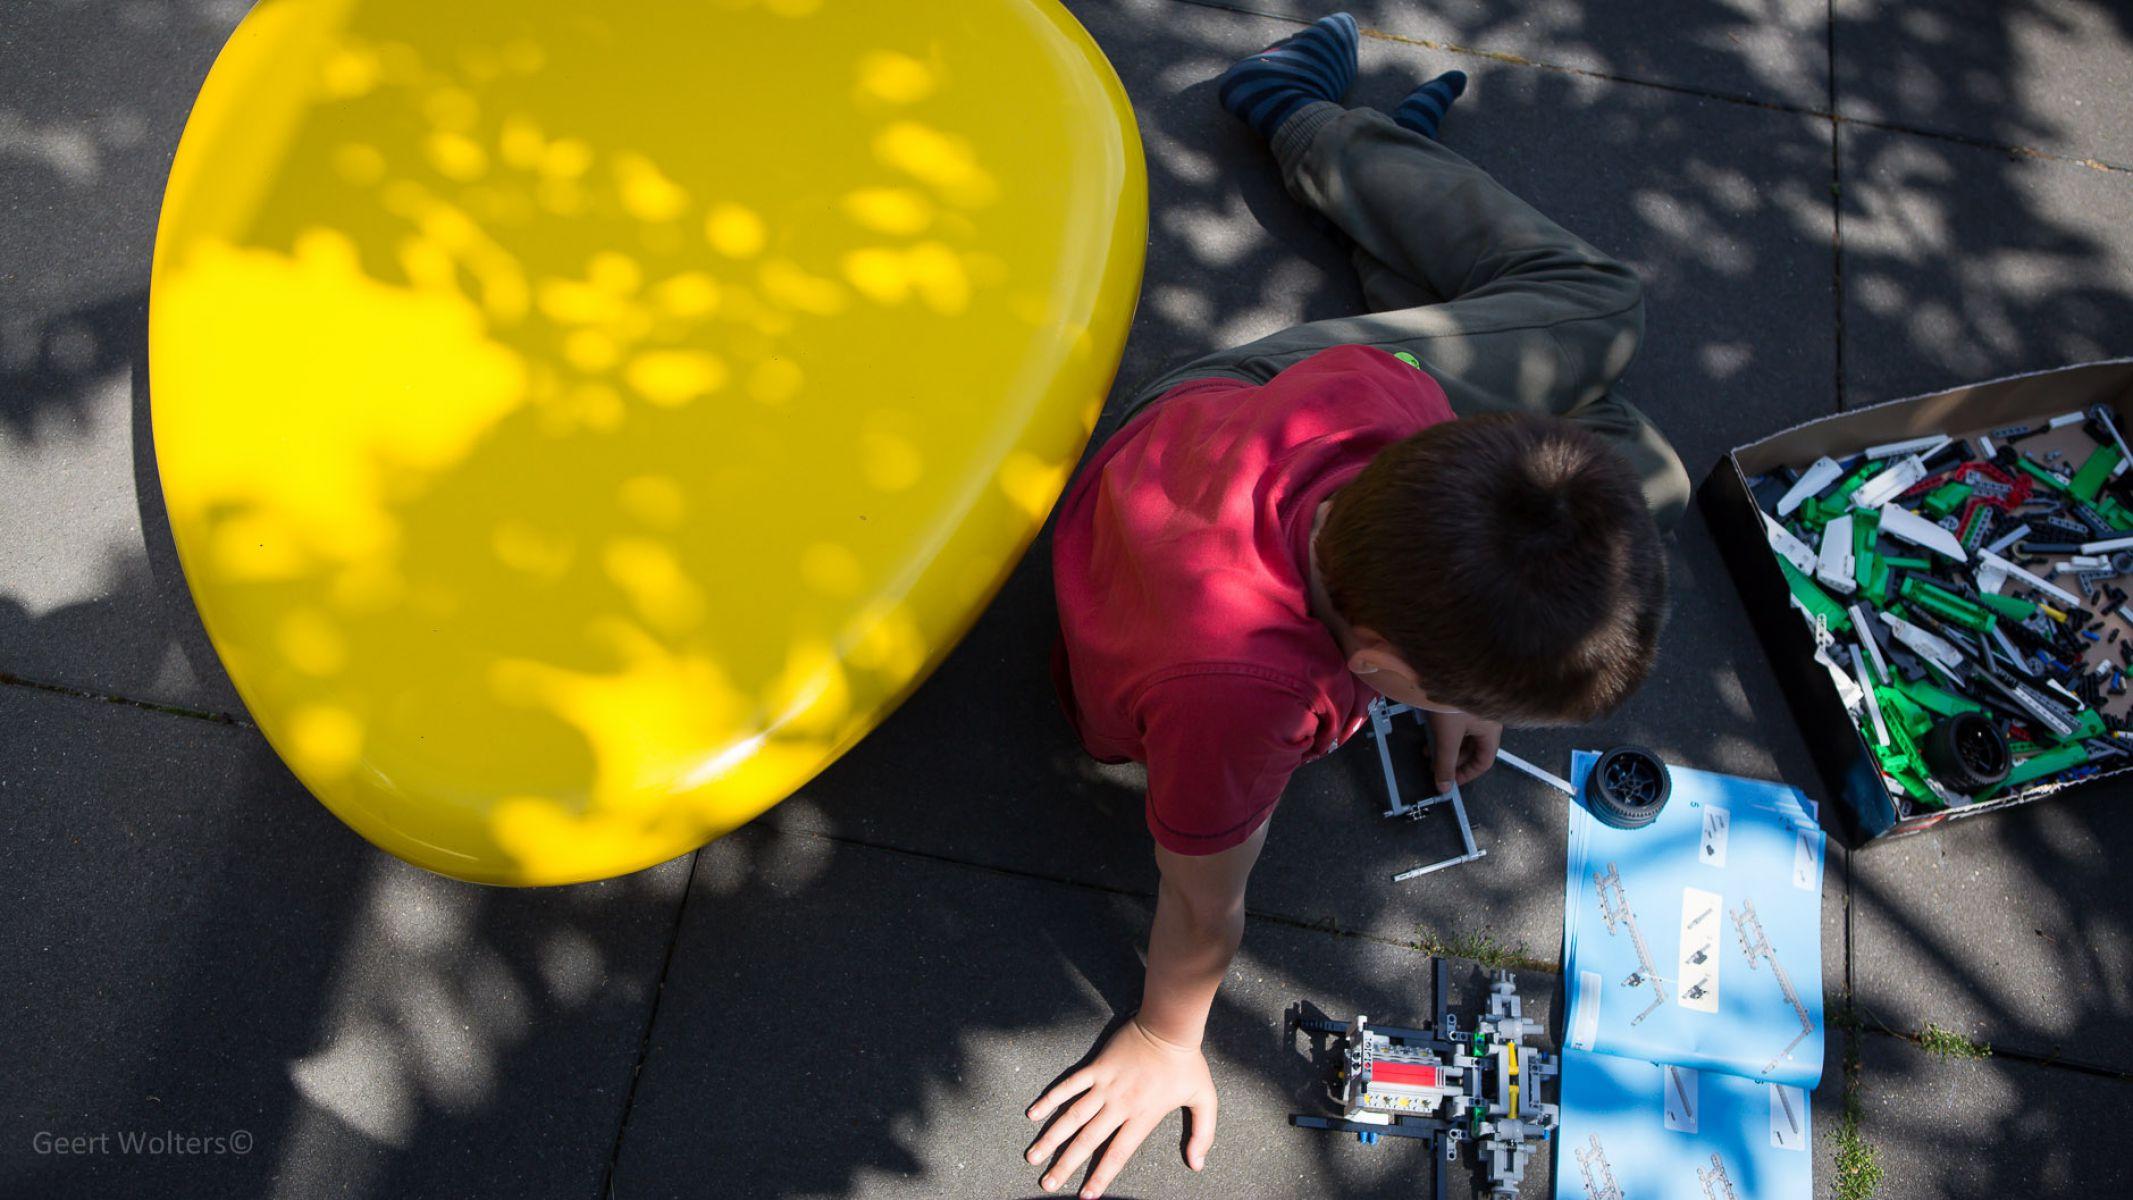 Gele zitkei zitsteen steen of zitelement genoemd van beton die ook in andere kleuren zoals rood groen zwart grijs wit oranje paars roze blauw verkrijgbaar is leuk voor schoolplein kantoor school schoolmeubilair of speelplaats of speeltuin